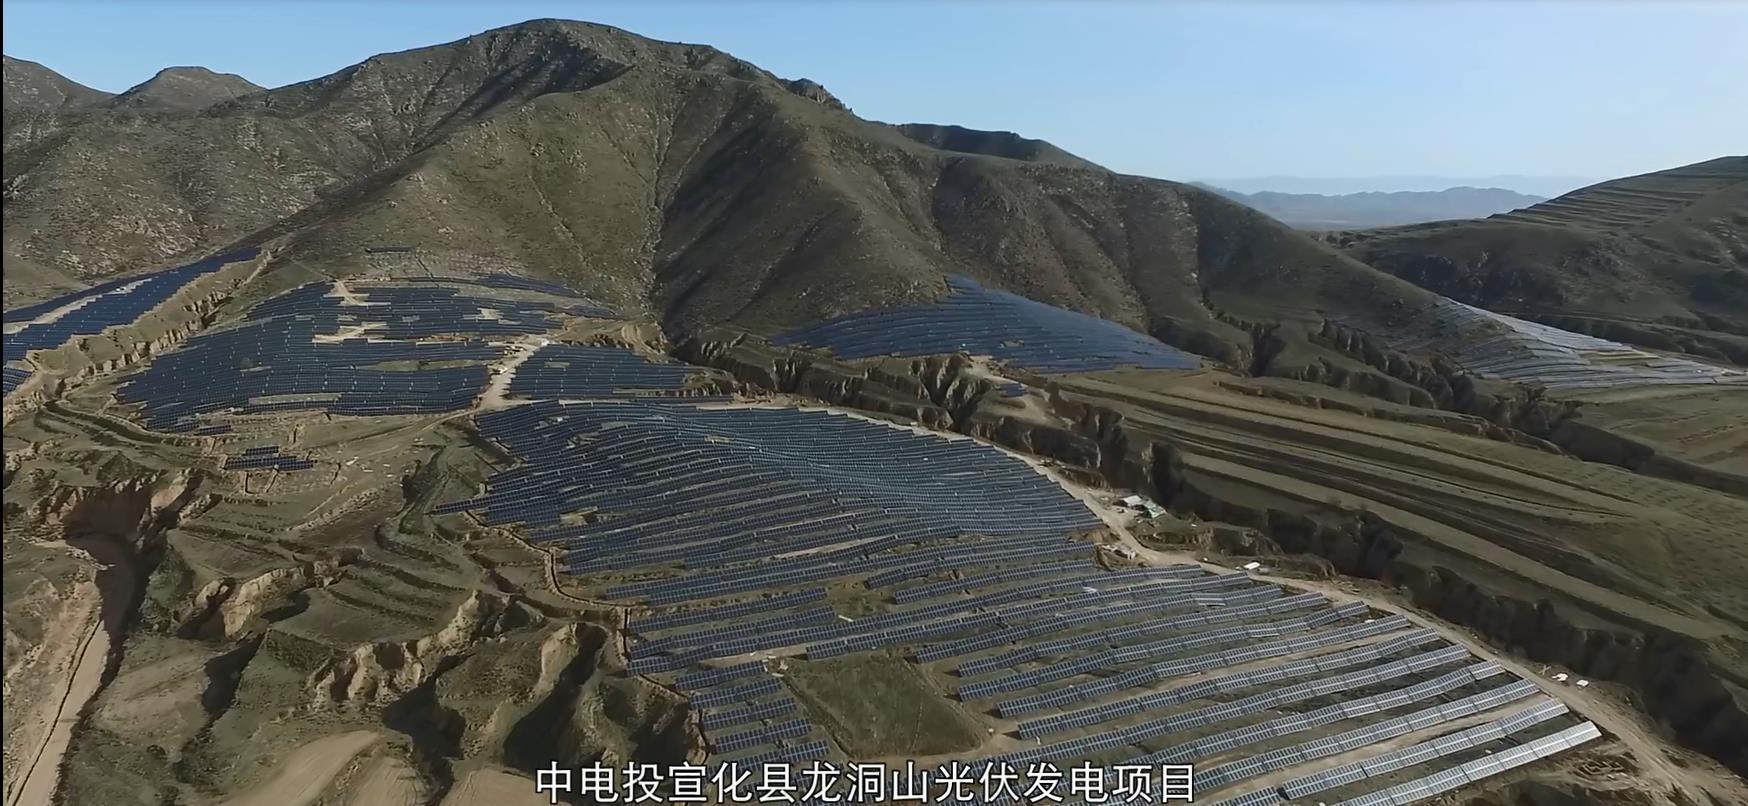 中电投宣化县龙洞山光伏发电工程